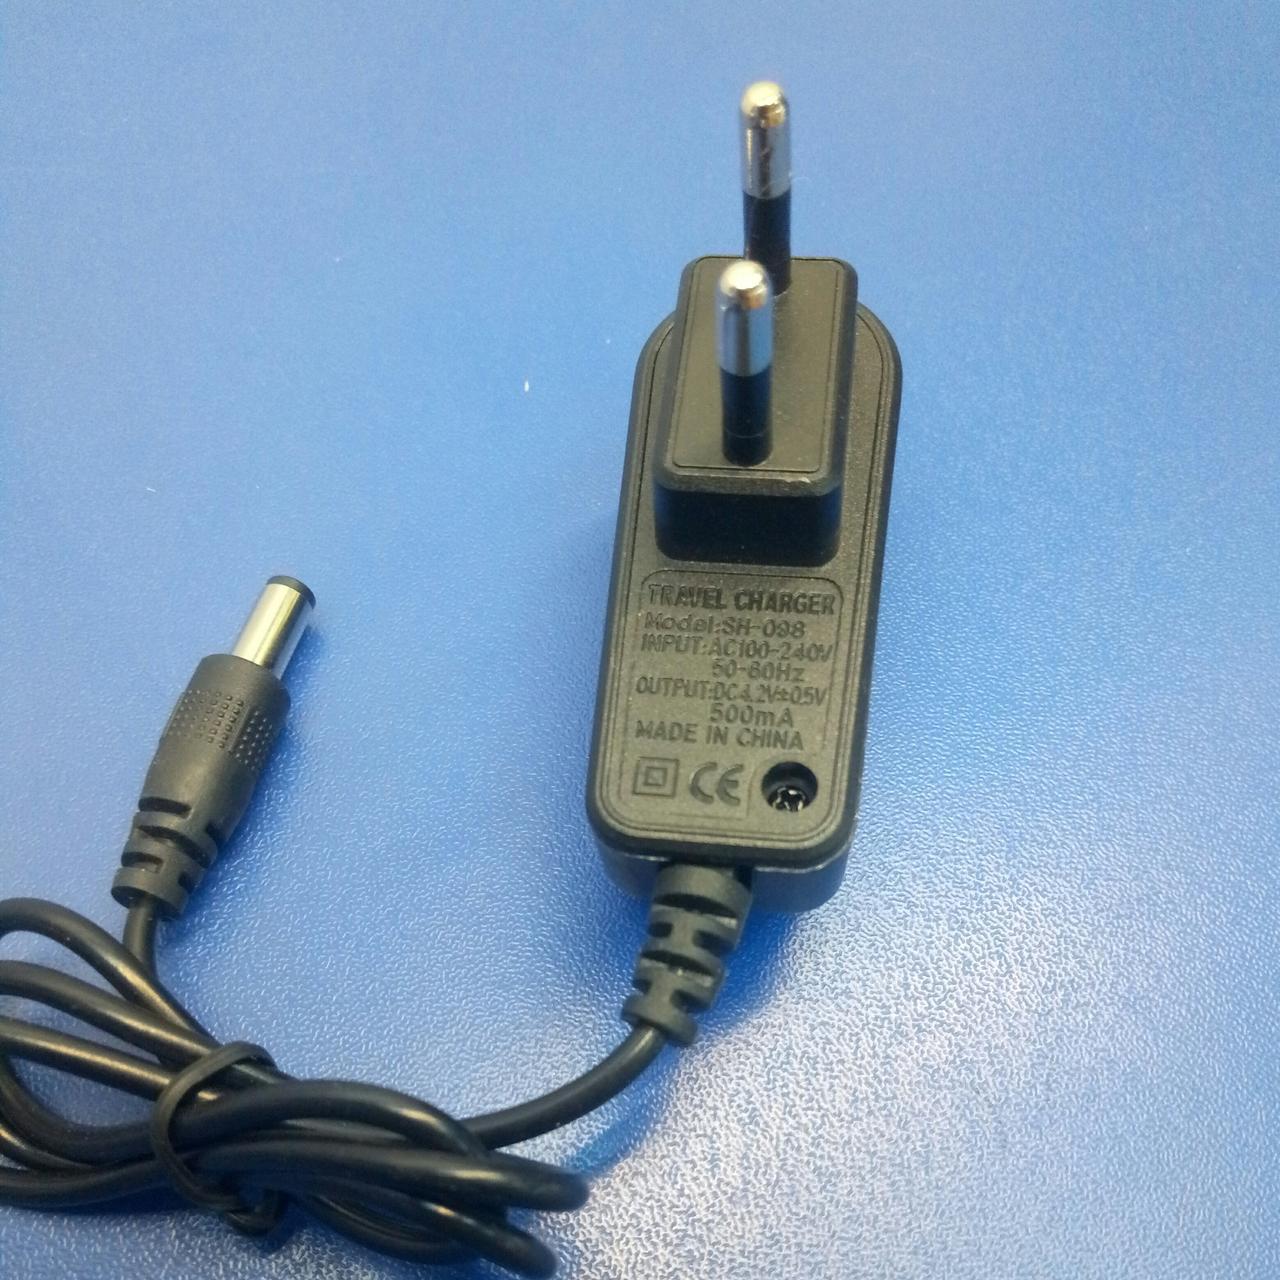 Зарядное устройство SH-098 3,6V 200mA 3,5х1,35.  ЗУ Li-ion АКБ унив к фонарикам